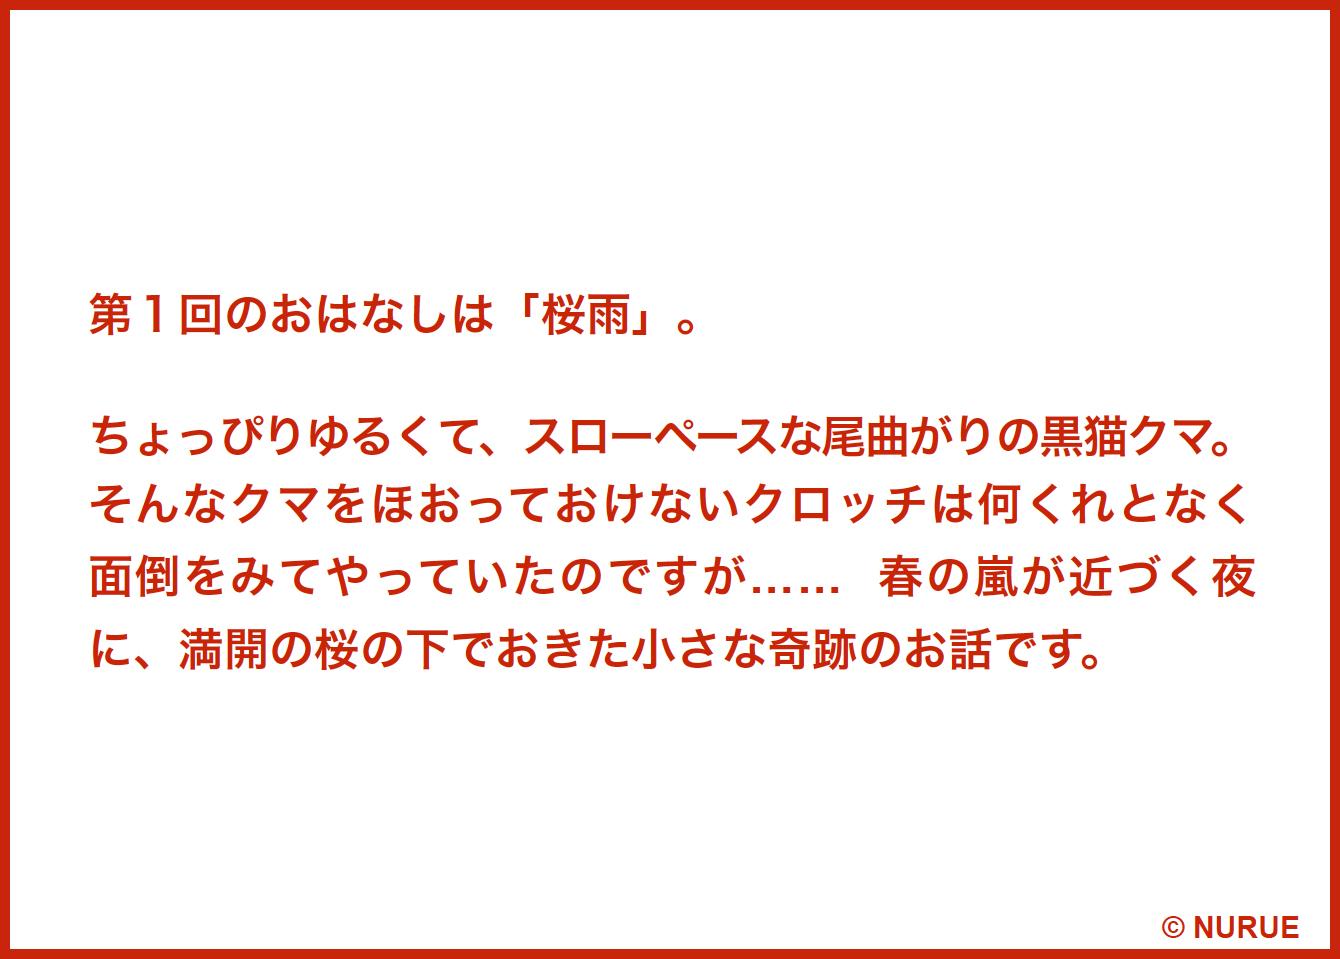 日本語劇「のら猫クロッチ」で国際交流!_f0193056_16024034.jpg